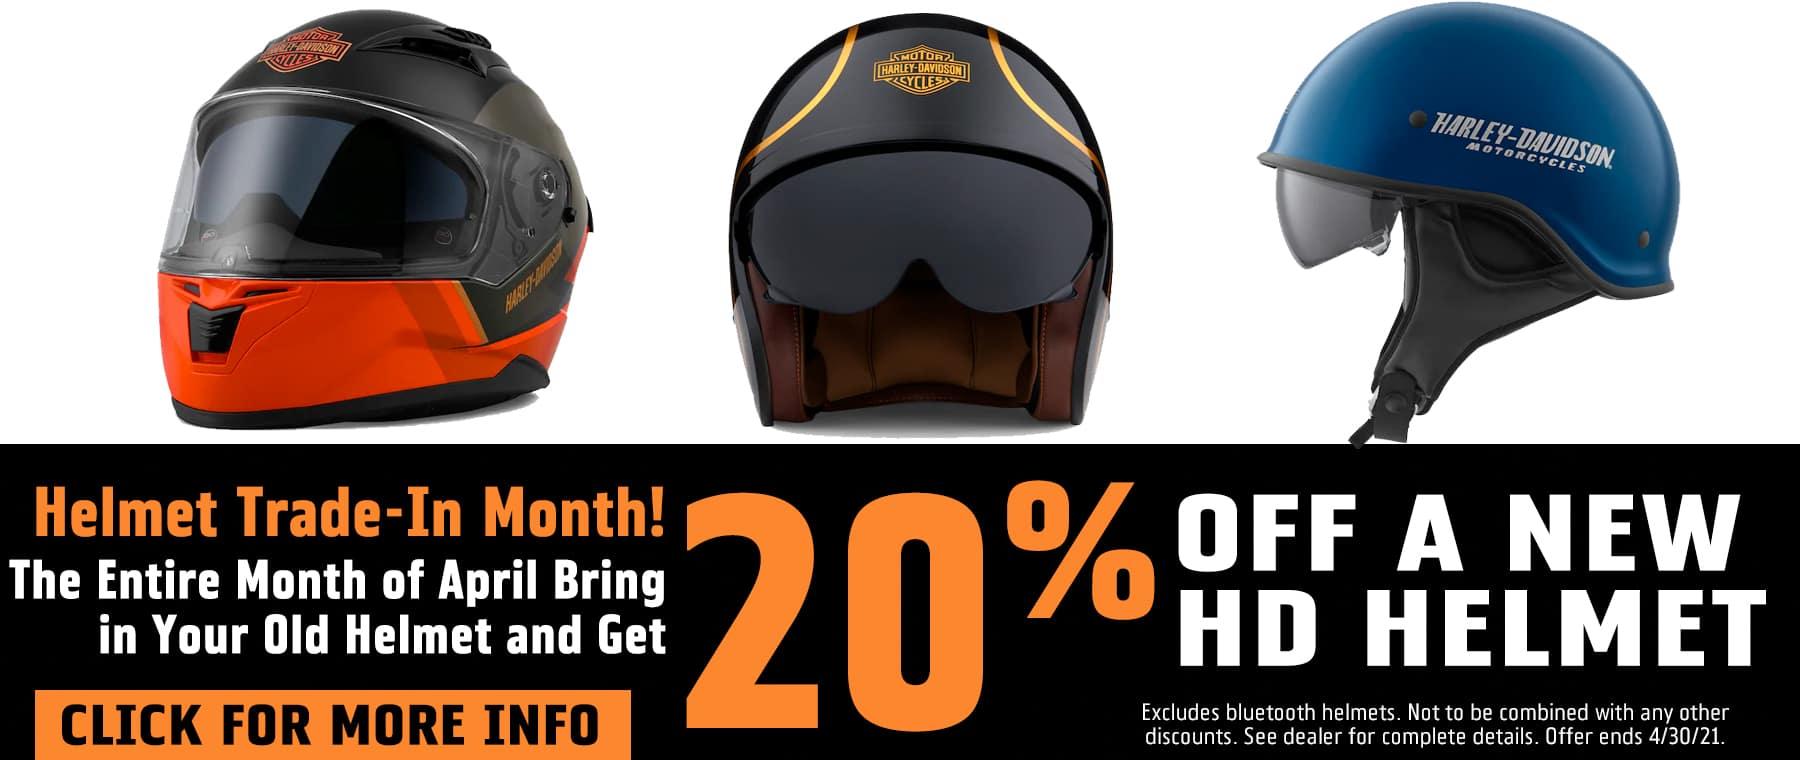 FBHD084967-01-MAR21_april_sales_slider_helmets